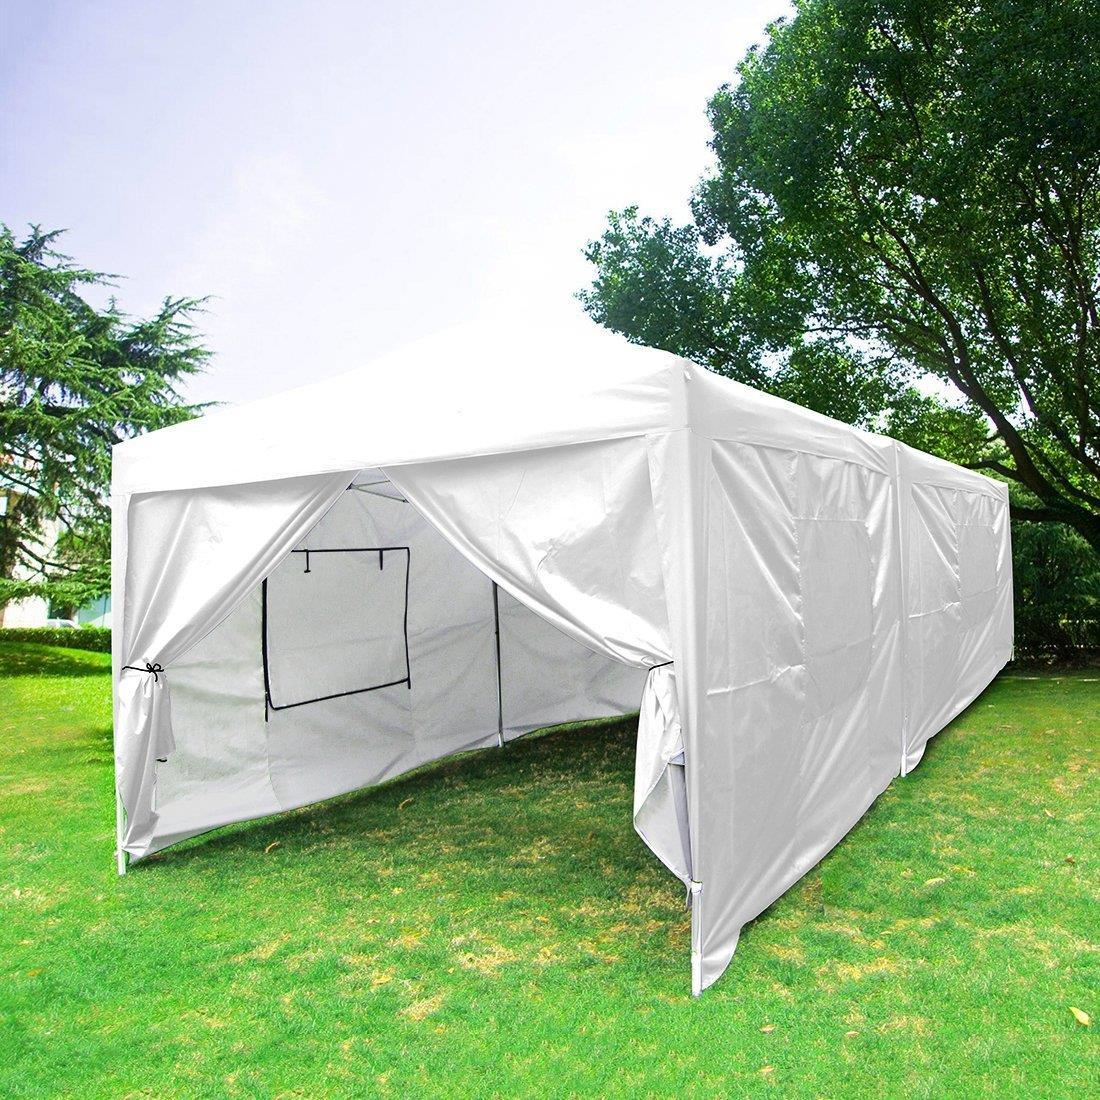 Quictent-10x20-Feet-Screen-Curtain-EZ-Pop-Up- & Quictent 10x20 Feet Screen Curtain EZ Pop Up Canopy Party Tent ...